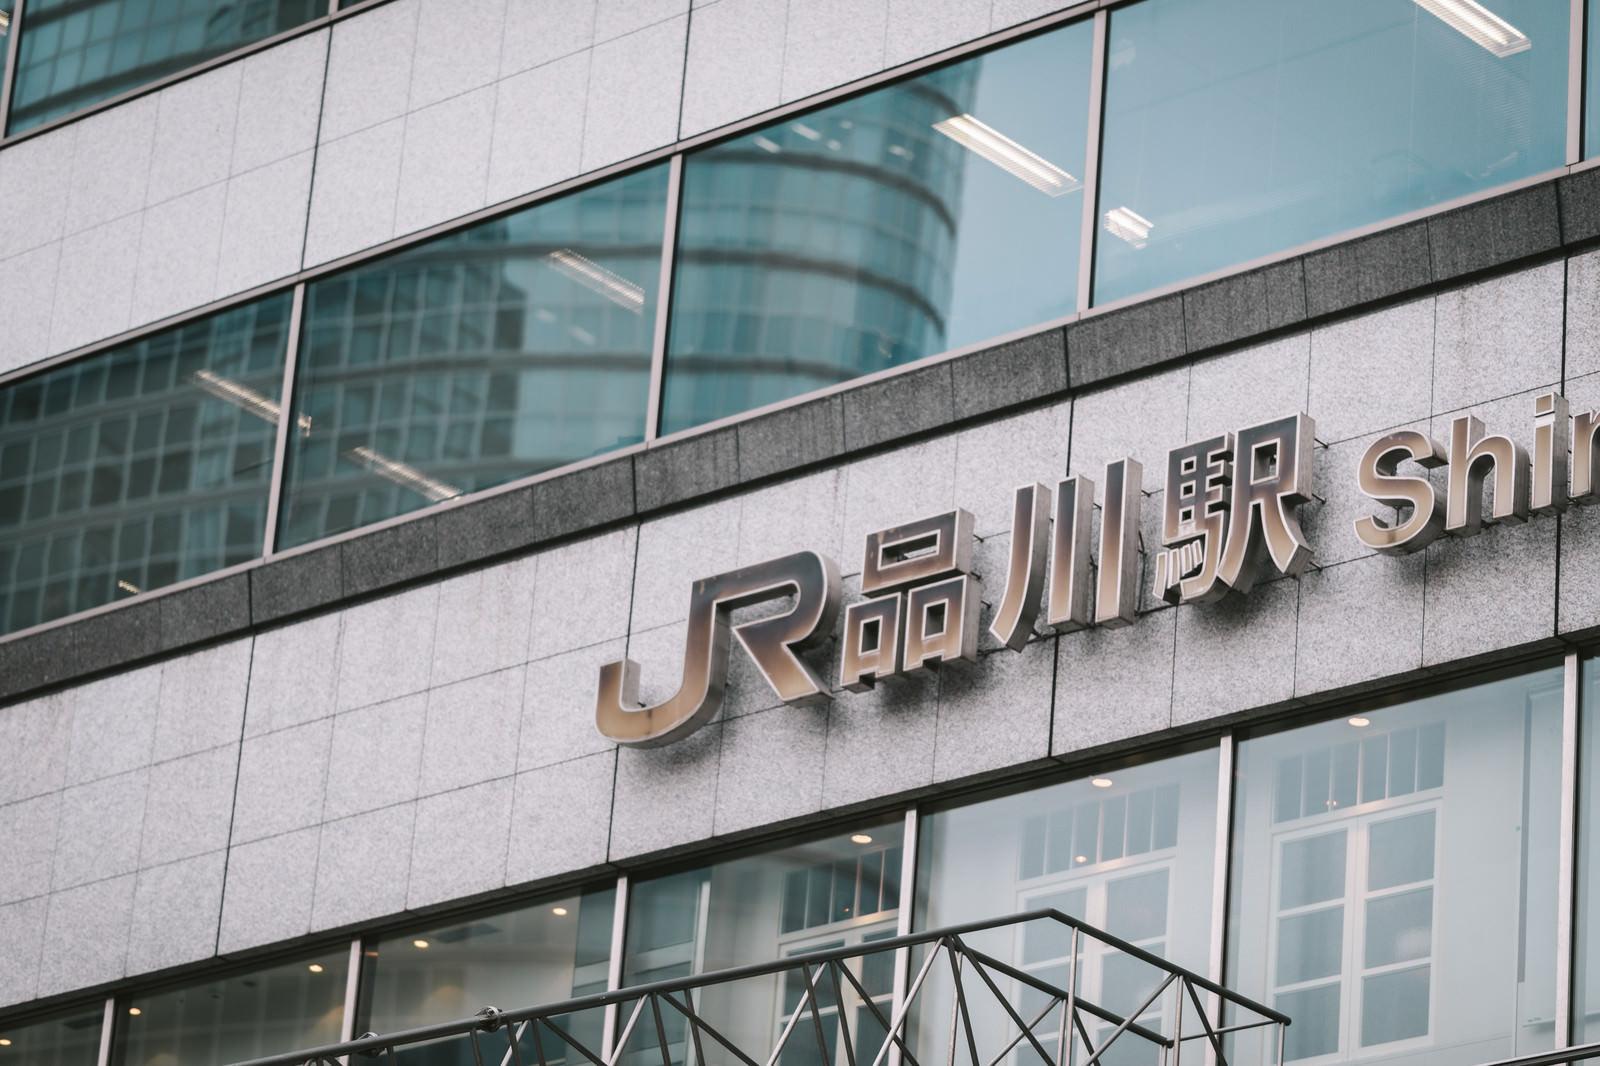 「JR品川駅(港南口)」の写真